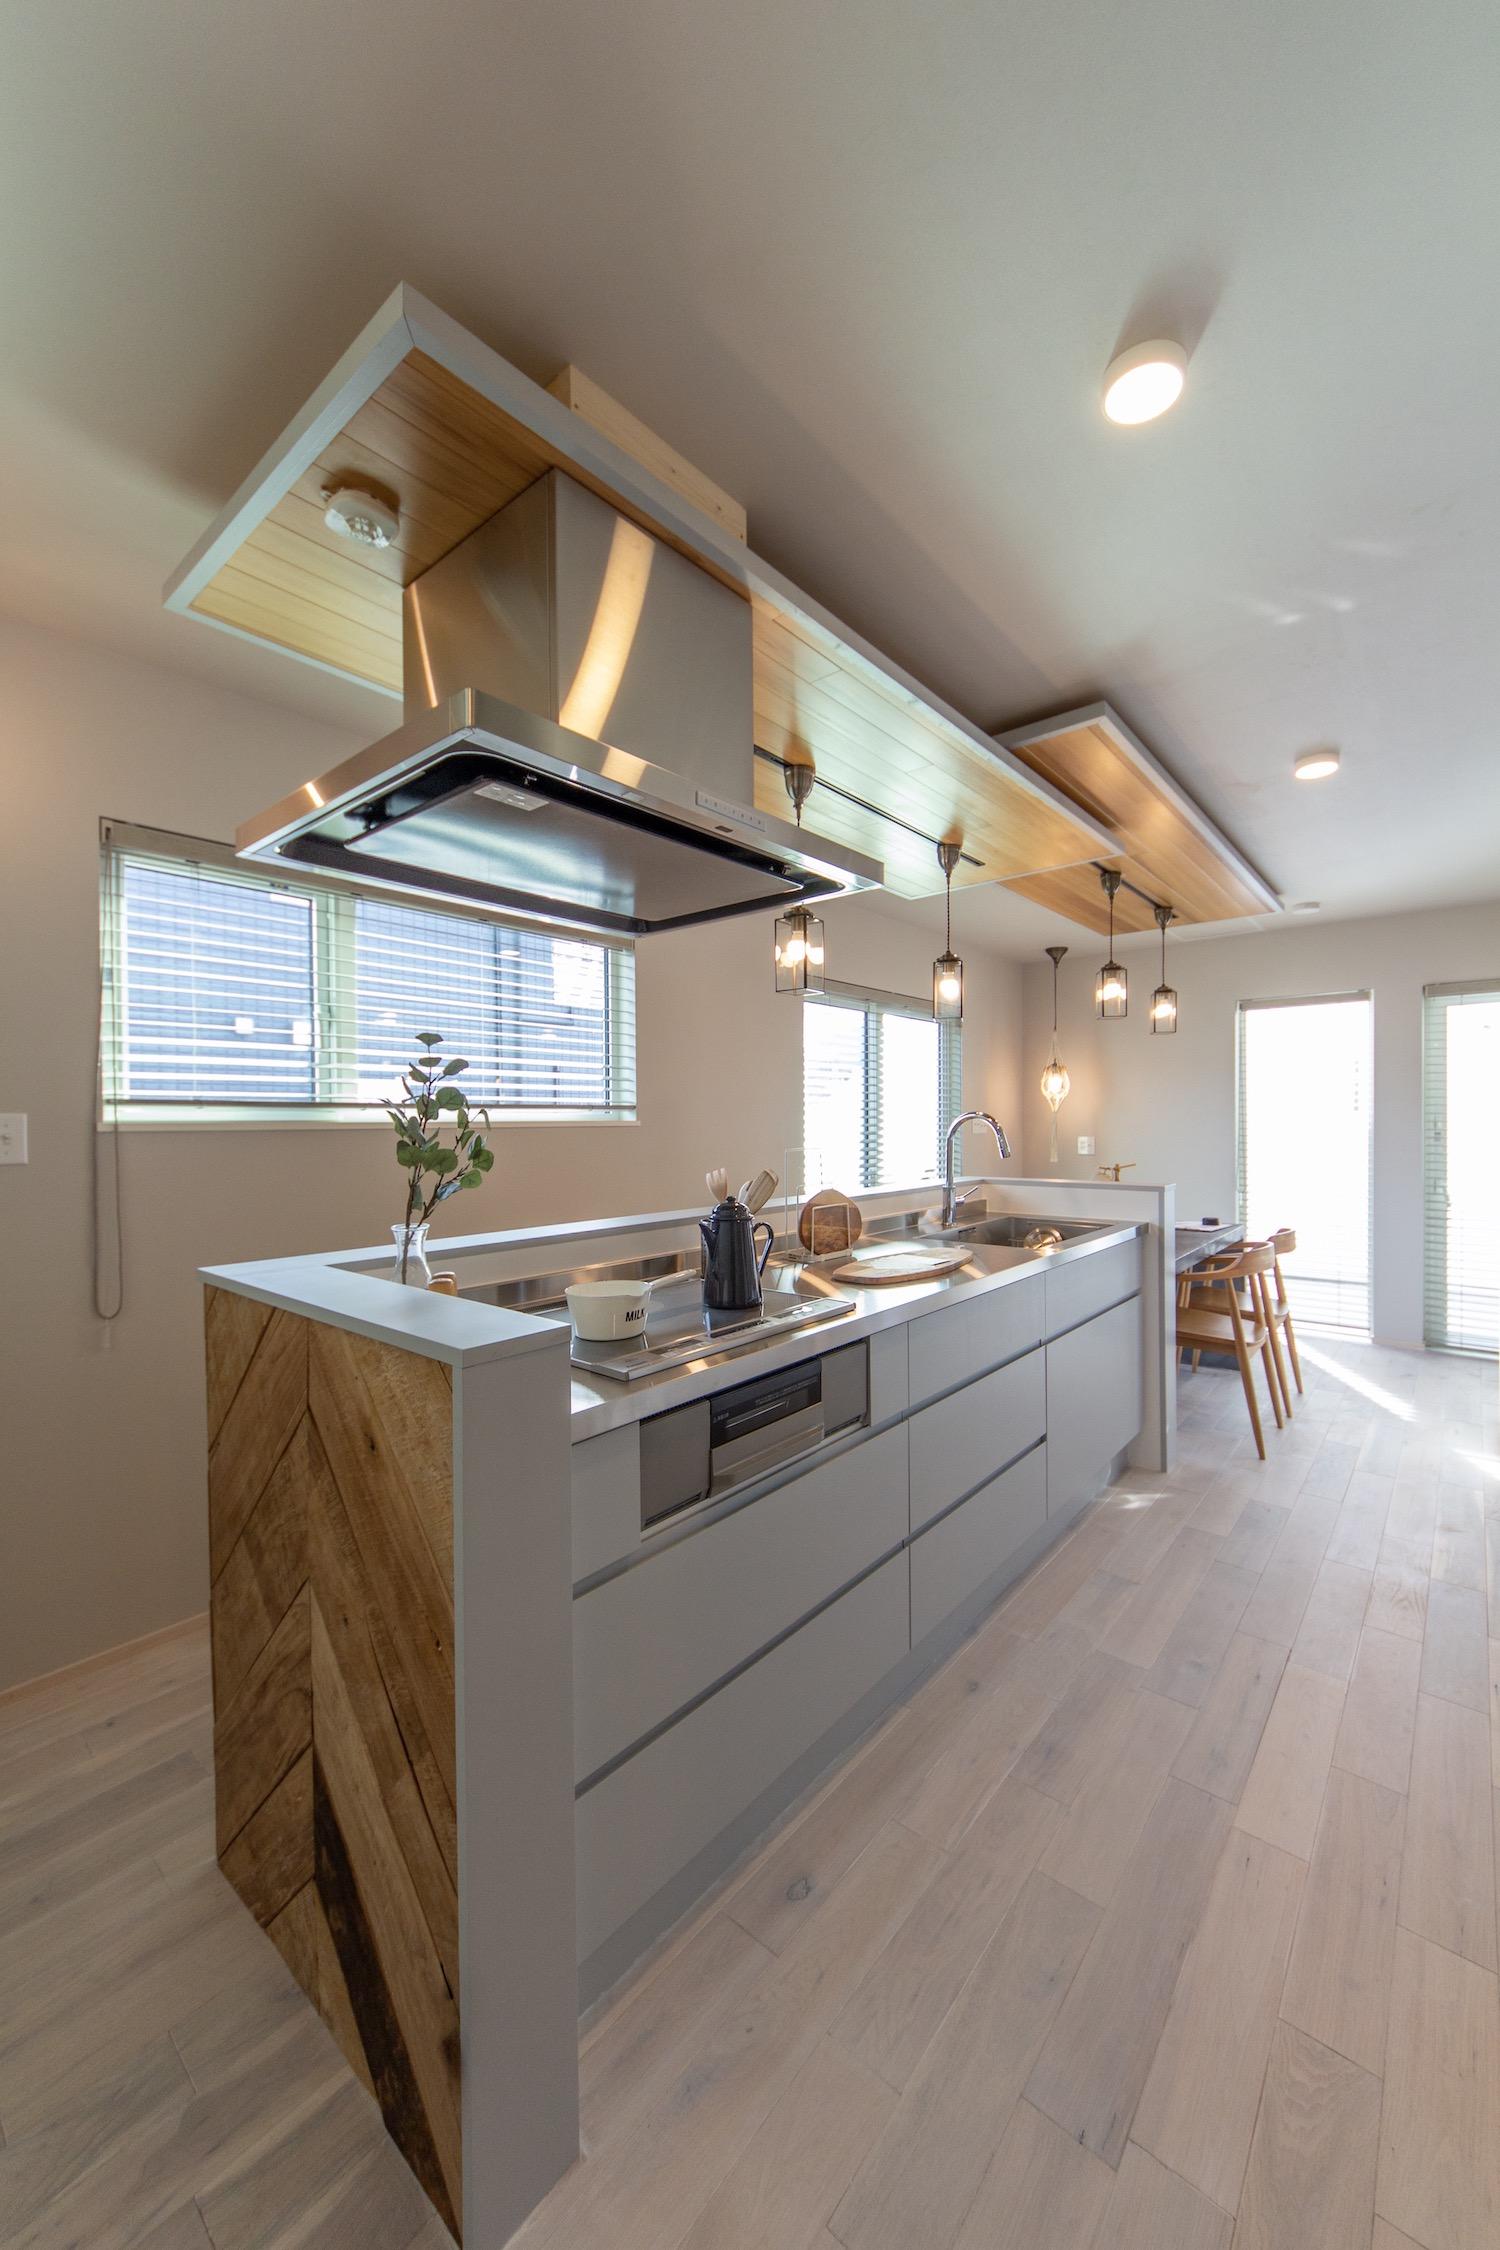 山梨県の工務店、未来建築工房とつくる注文住宅。|おしゃれな家をつくる5つのコツ